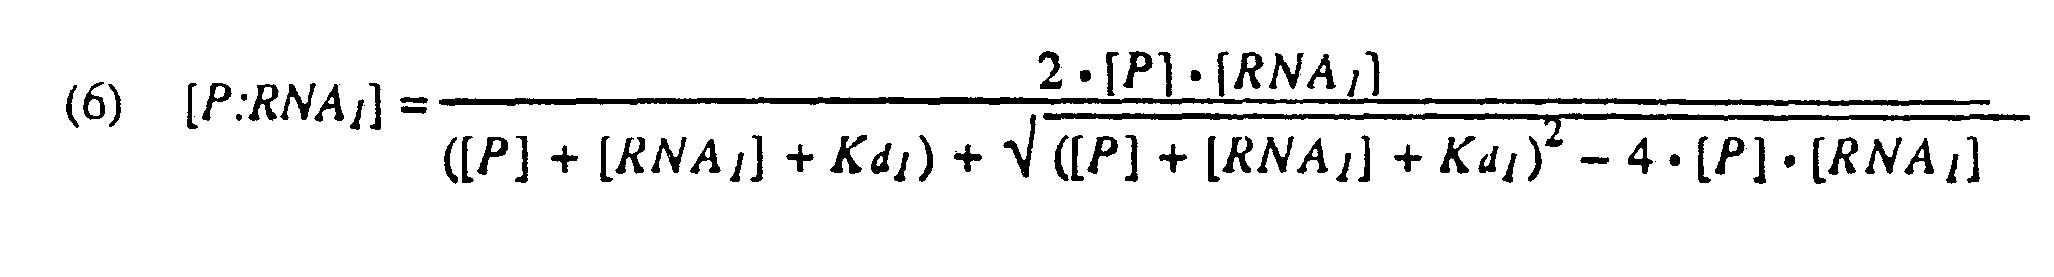 Figure imgf000124_0003